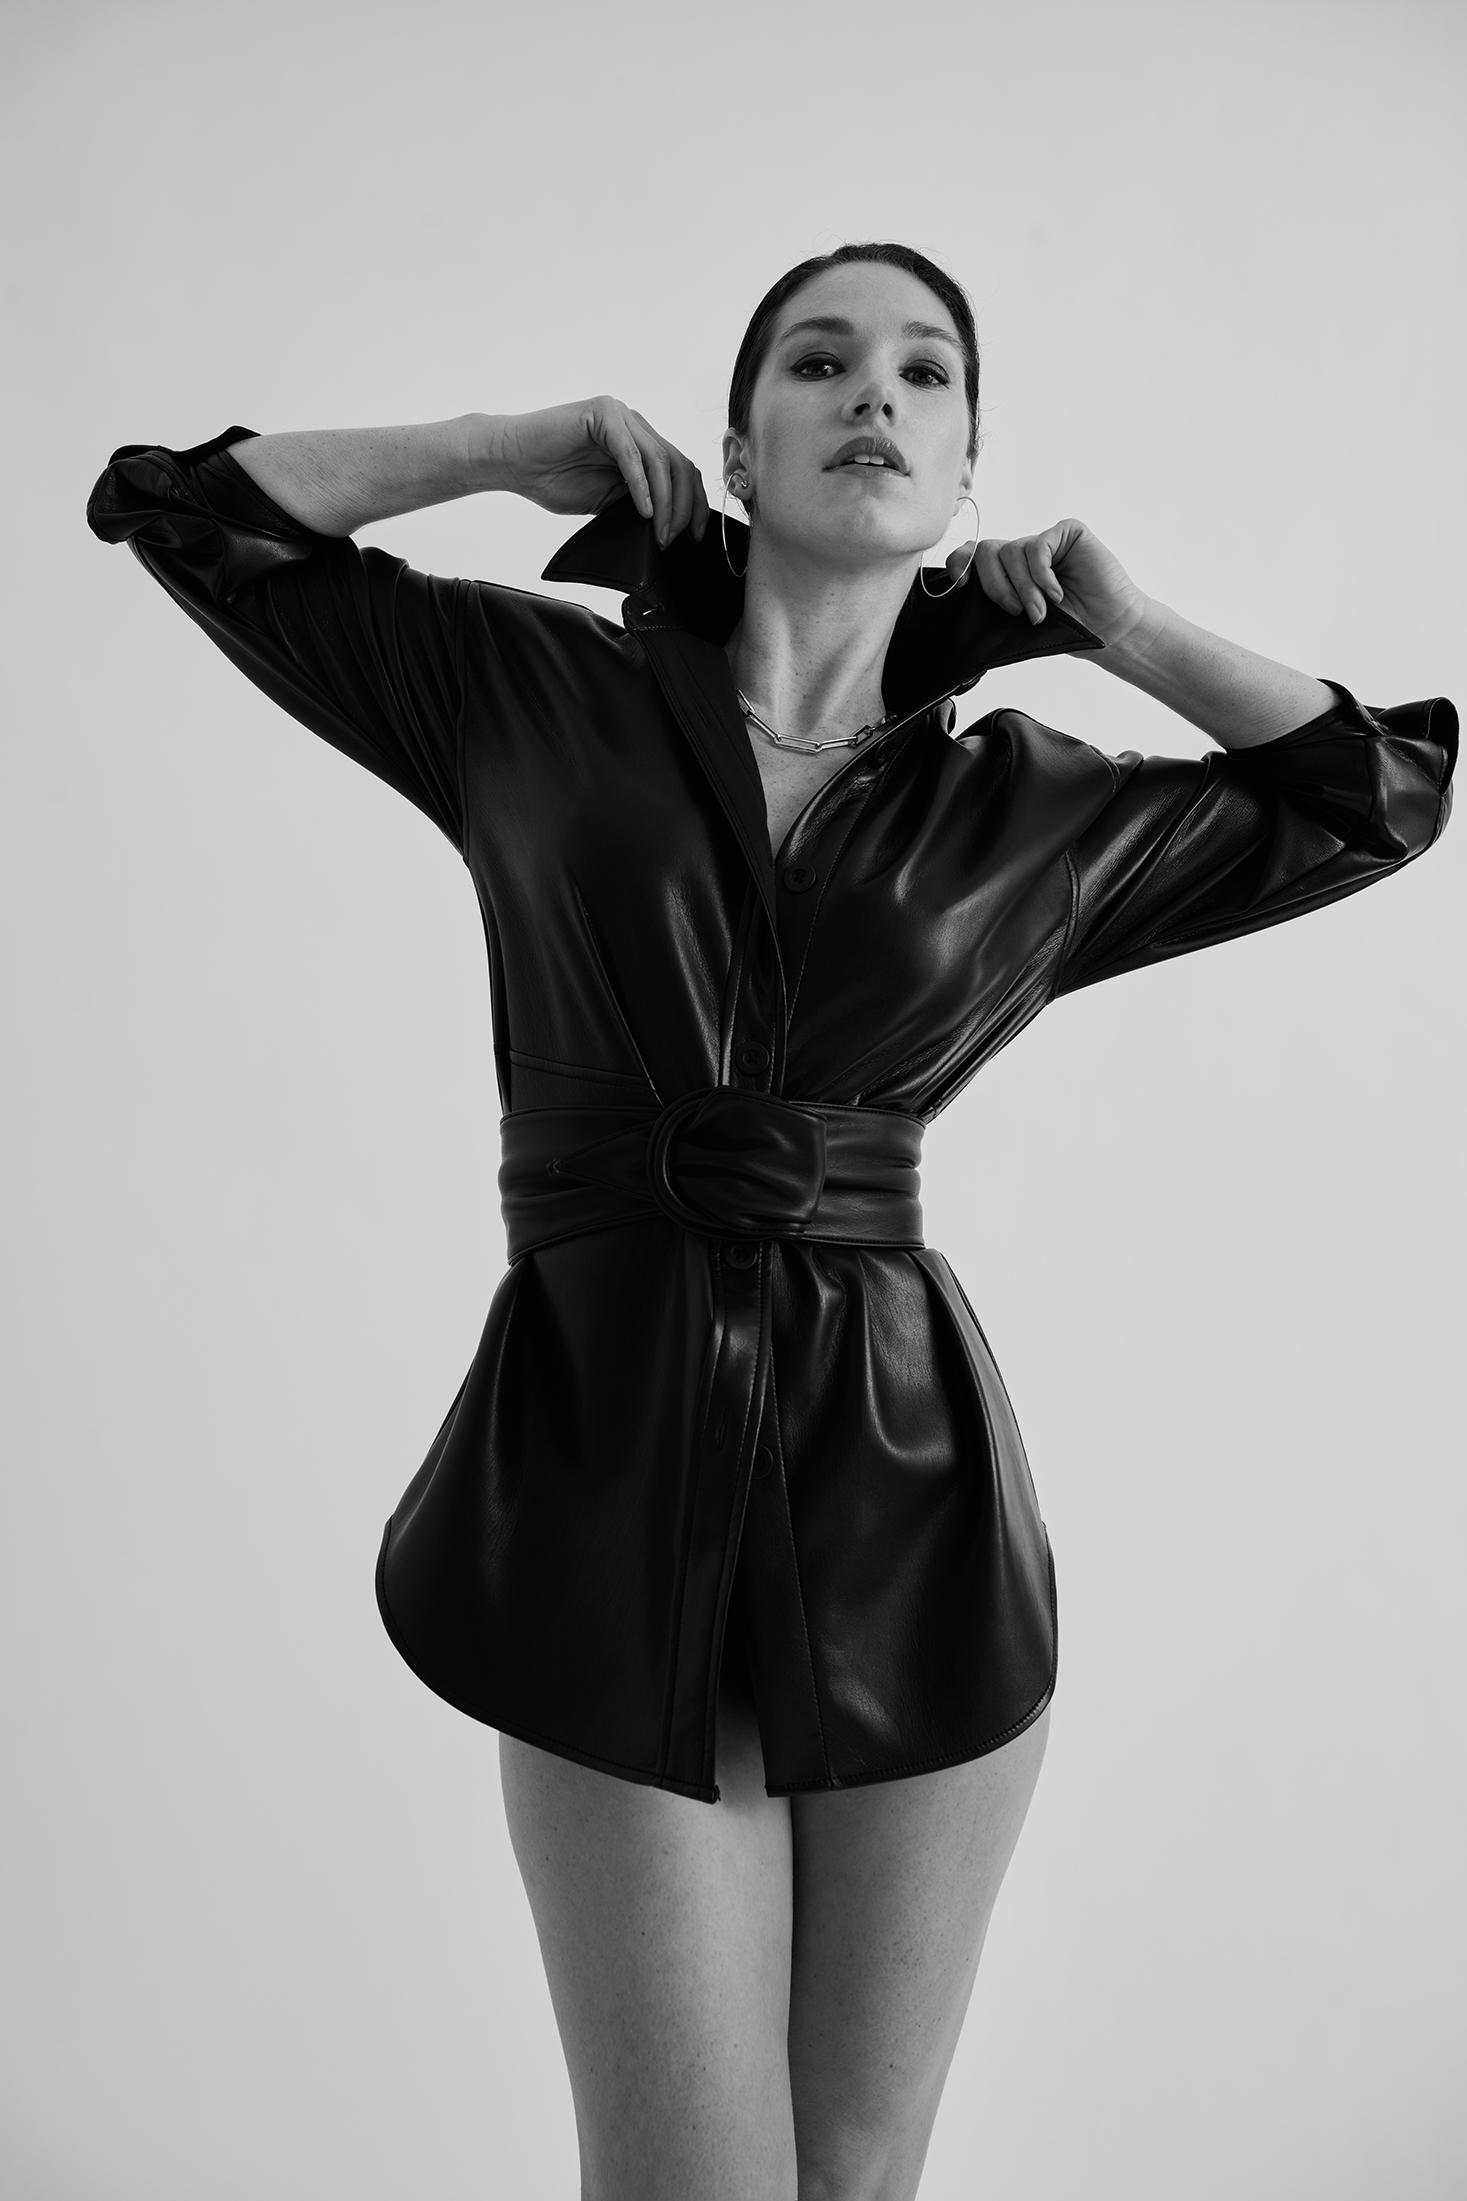 Noah Asanias Photography